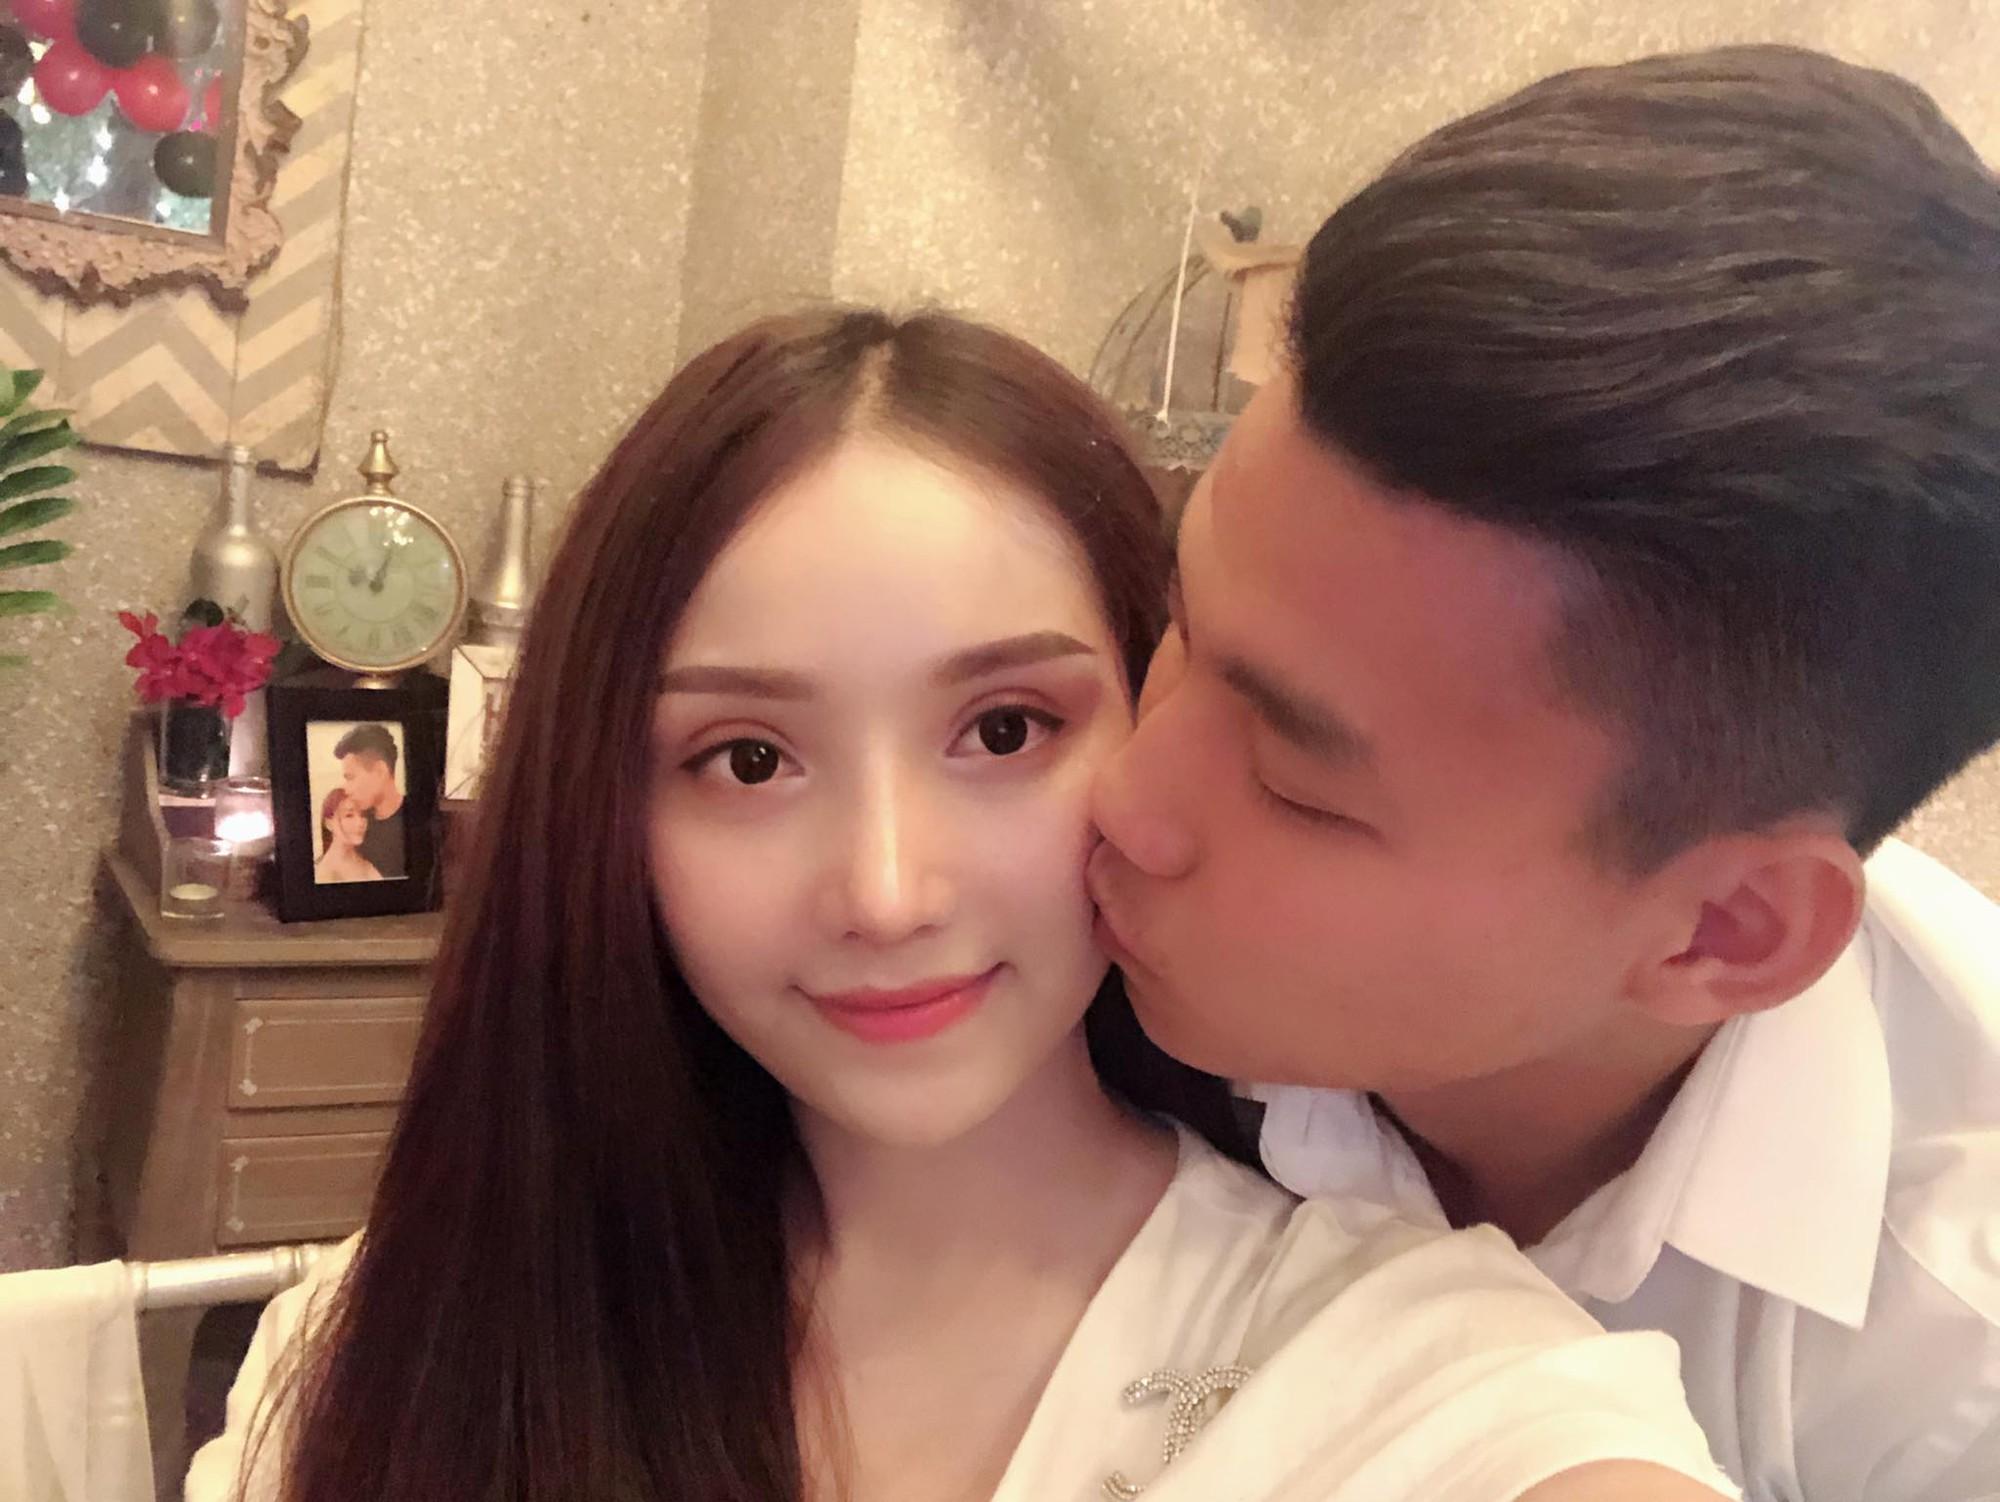 Bạn gái bận bịu công việc, Văn Thanh nhắn tin động viên đầy tình cảm: Chỉ mong vợ chồng mình bên nhau mãi mãi-2